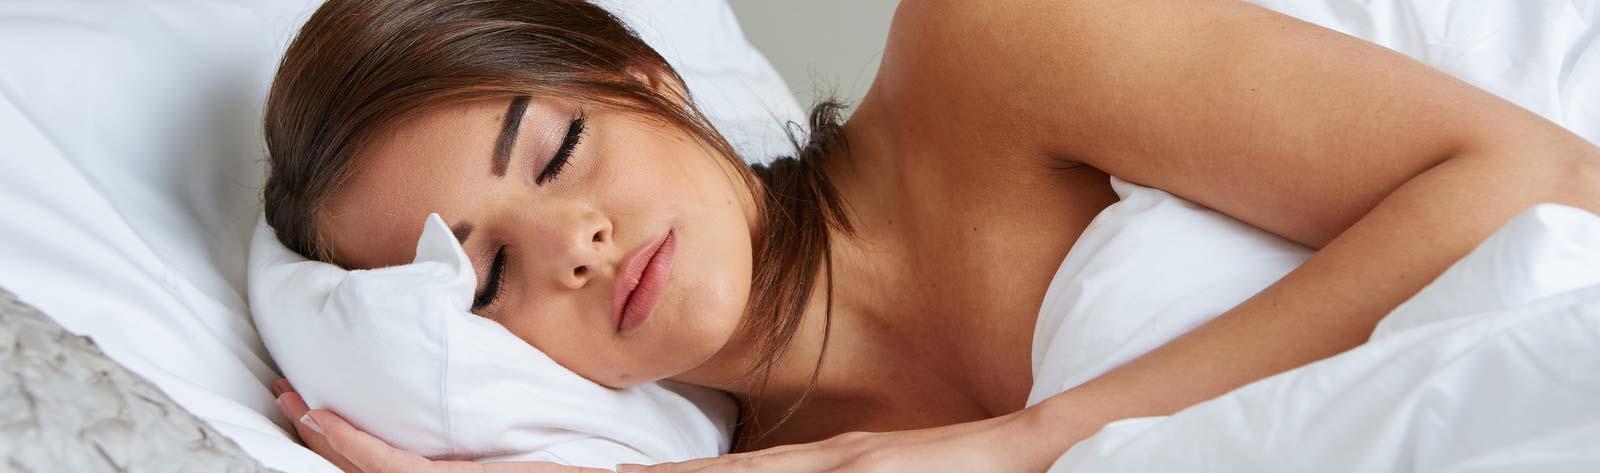 Najlepsza pozycja do spania po operacji powiększenia piersi